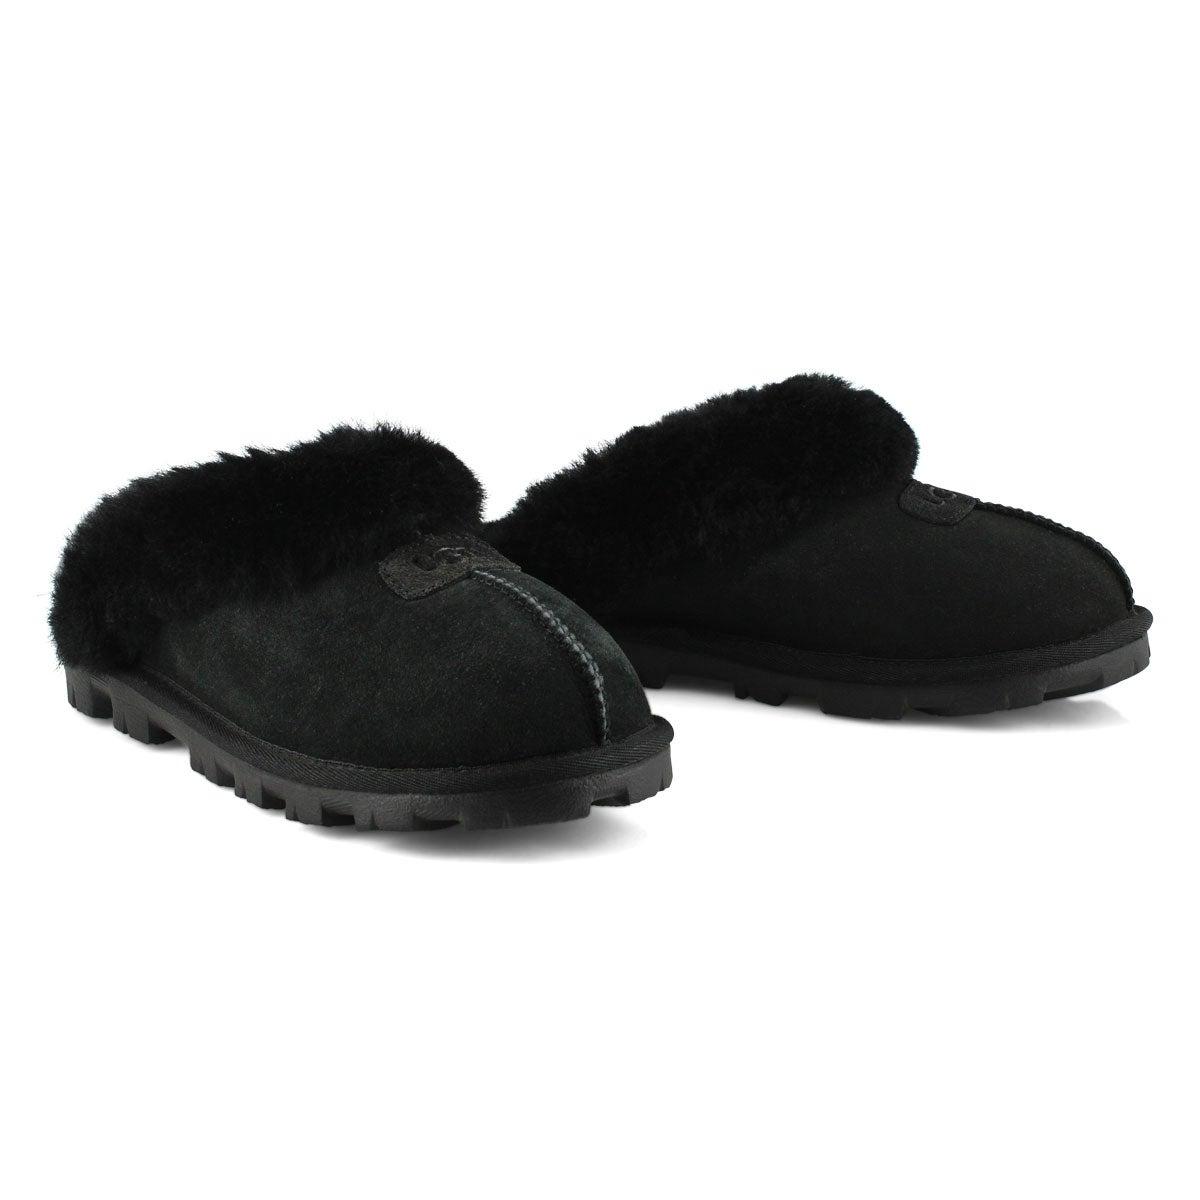 13d4c00aae7 Women's COQUETTE black sheepskin slippers